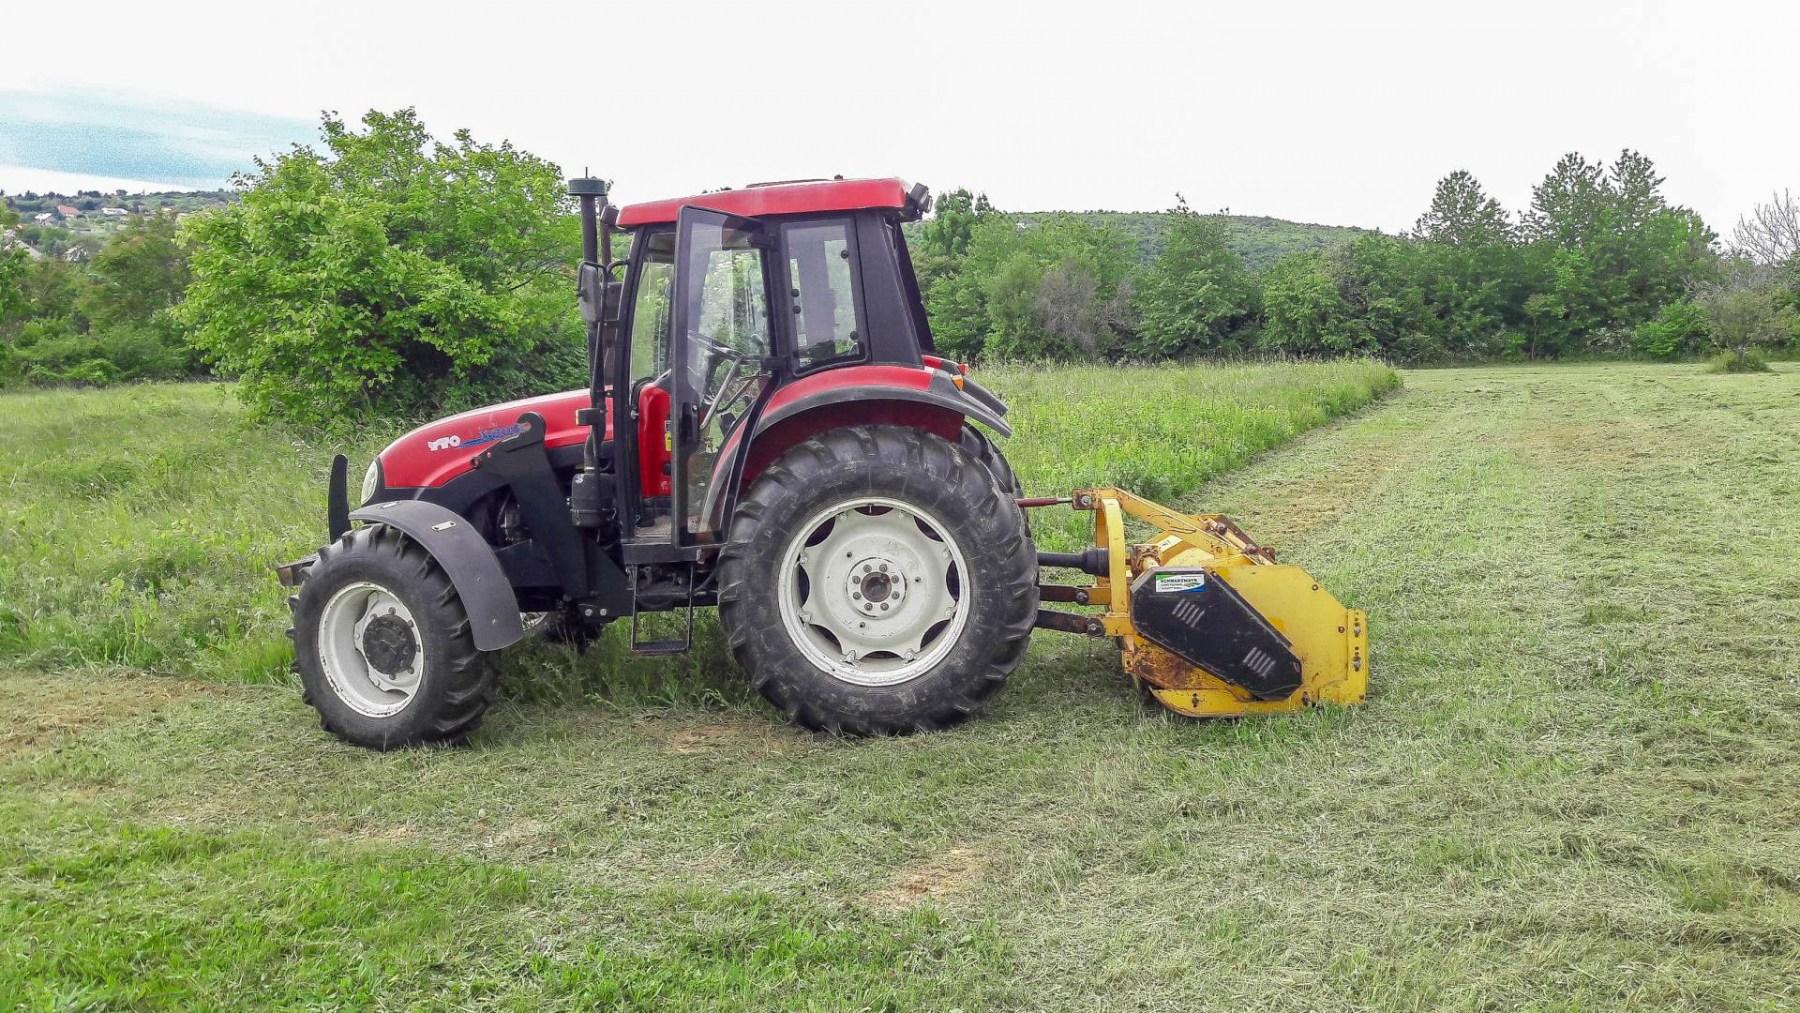 Nagy földterületek zöldterület kezelése